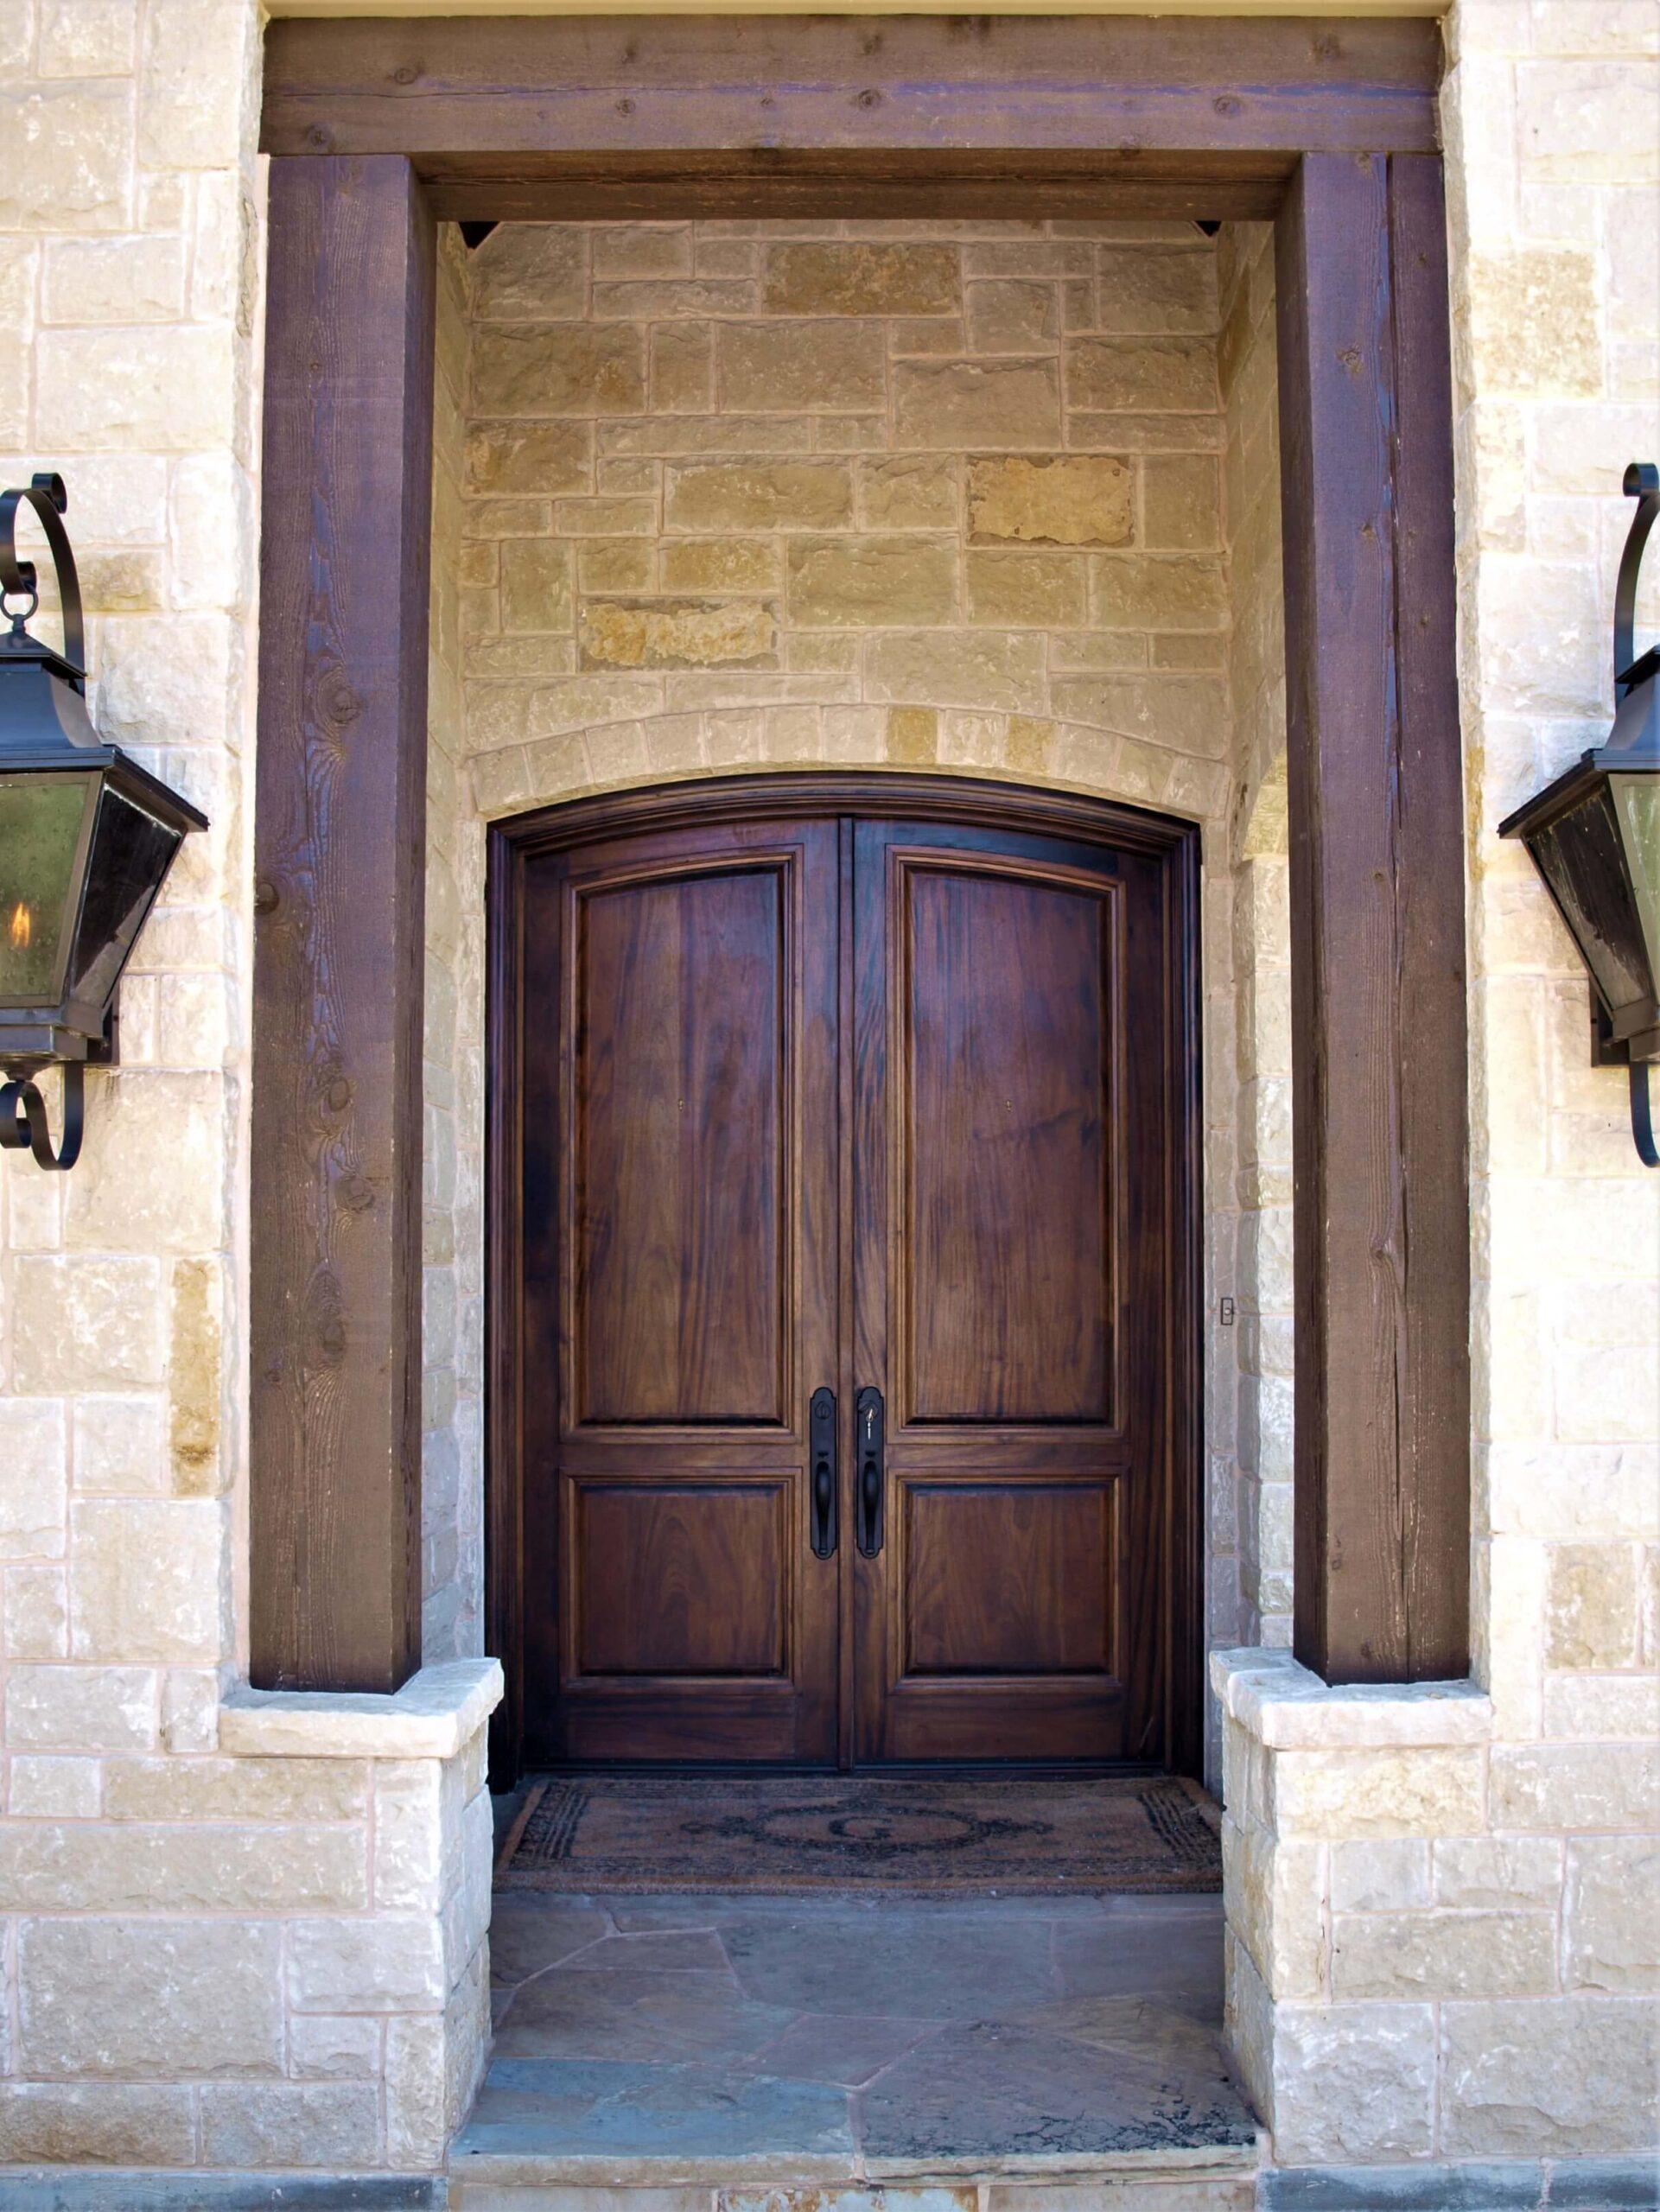 Wooden Double Artisanal Doors